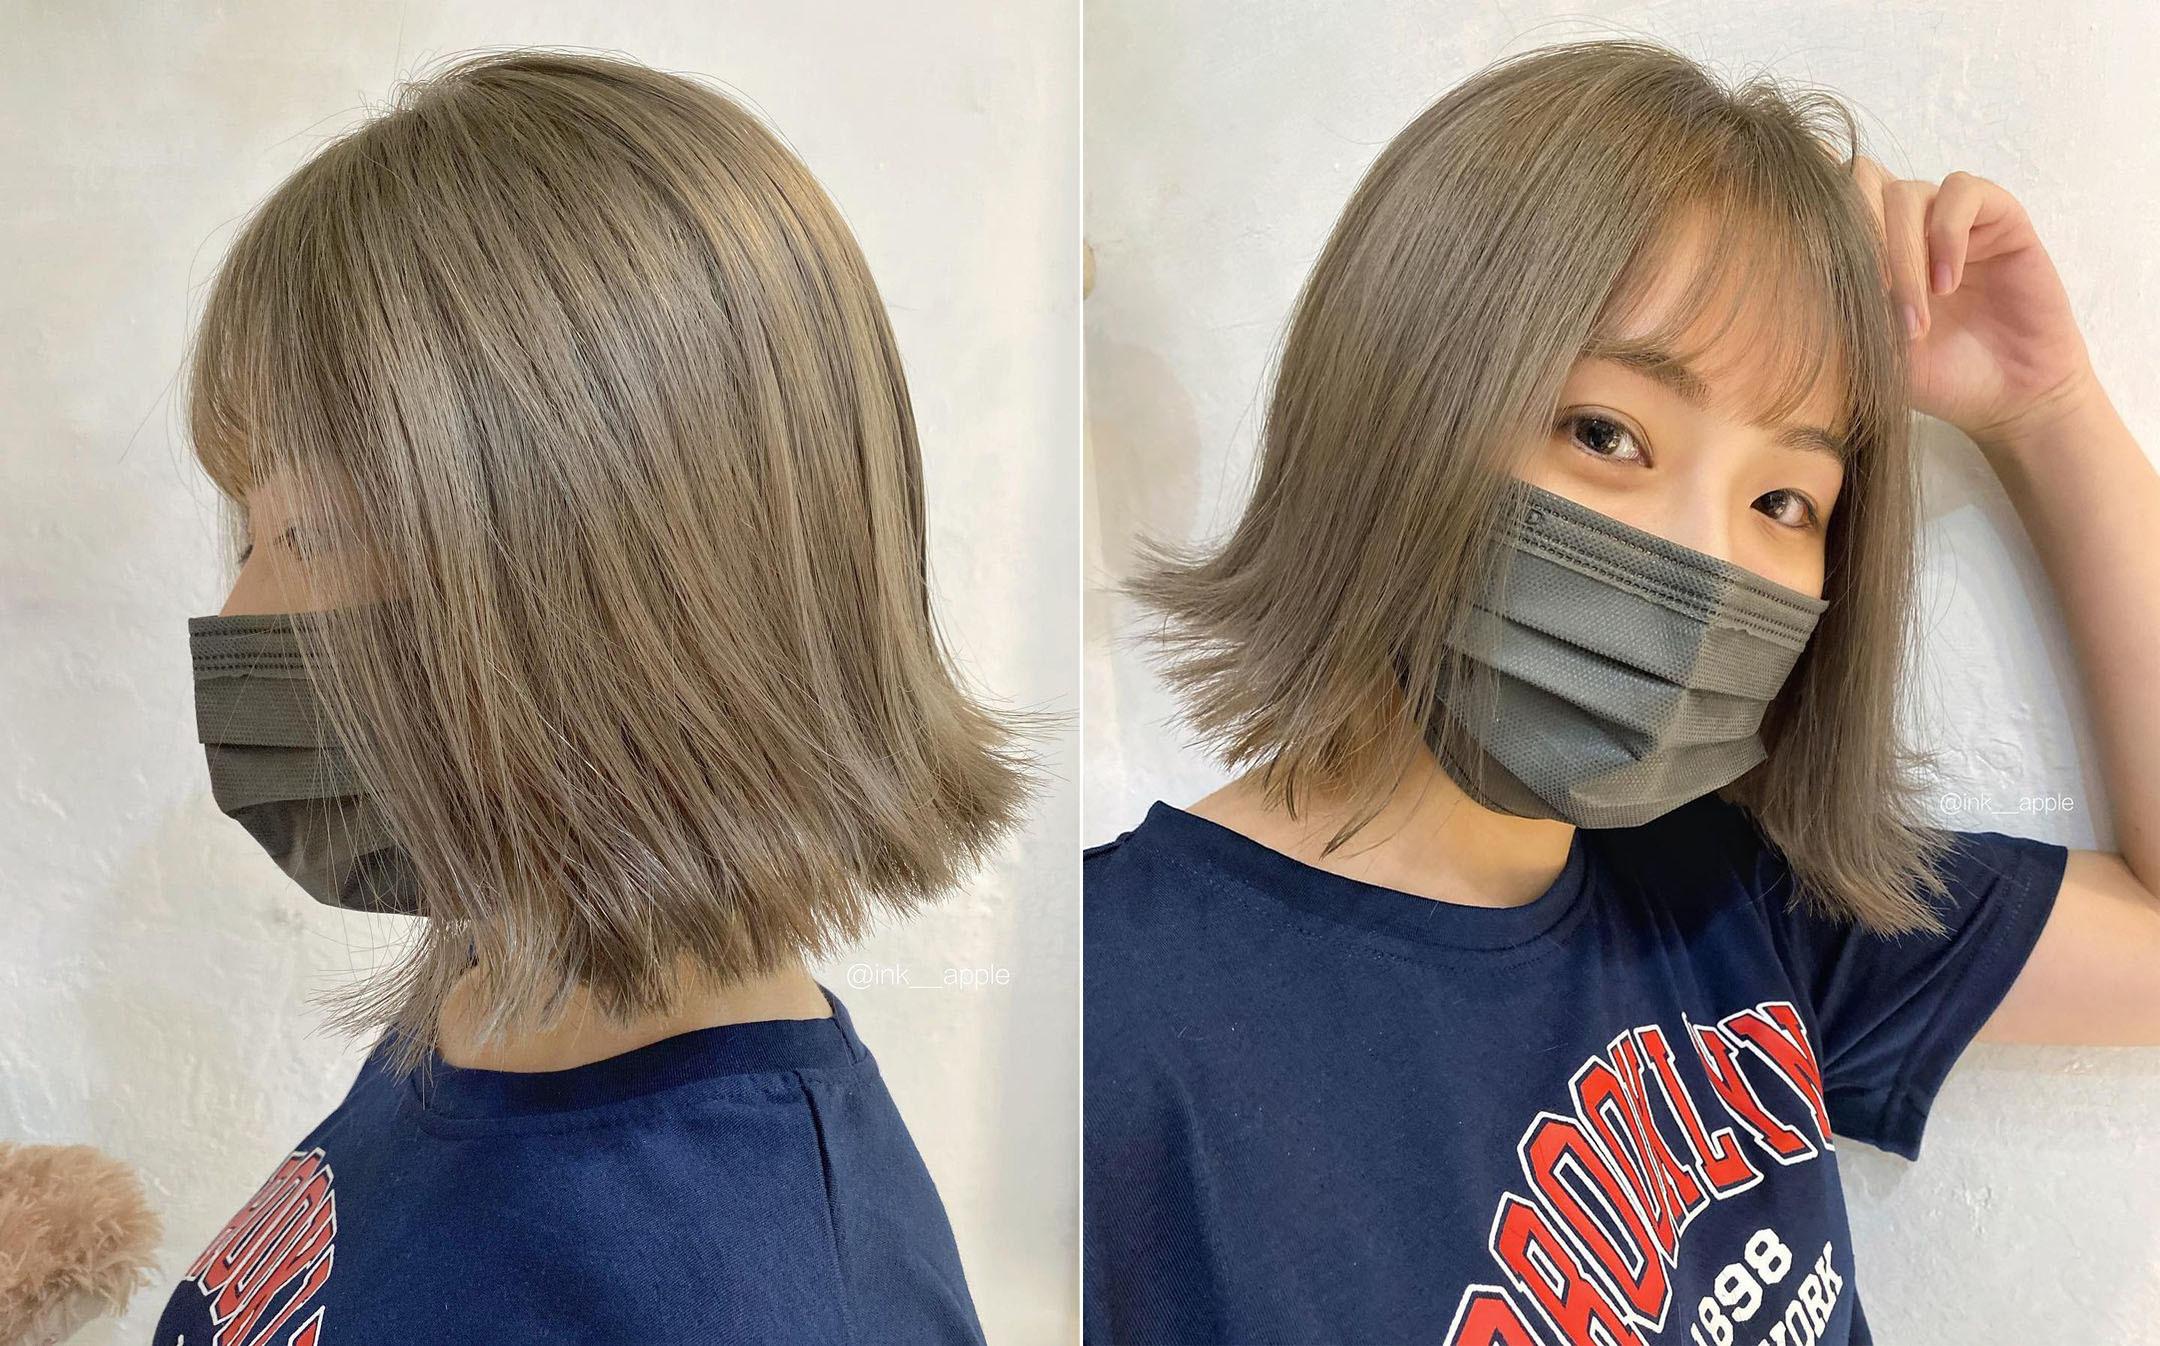 Ink Hair 設計師作品集-大勢短髮圖鑑|現在短髮美女才是王道,5款熱門短髮造型推薦,大勢短髮女生造型一:髮尾外翹短髮